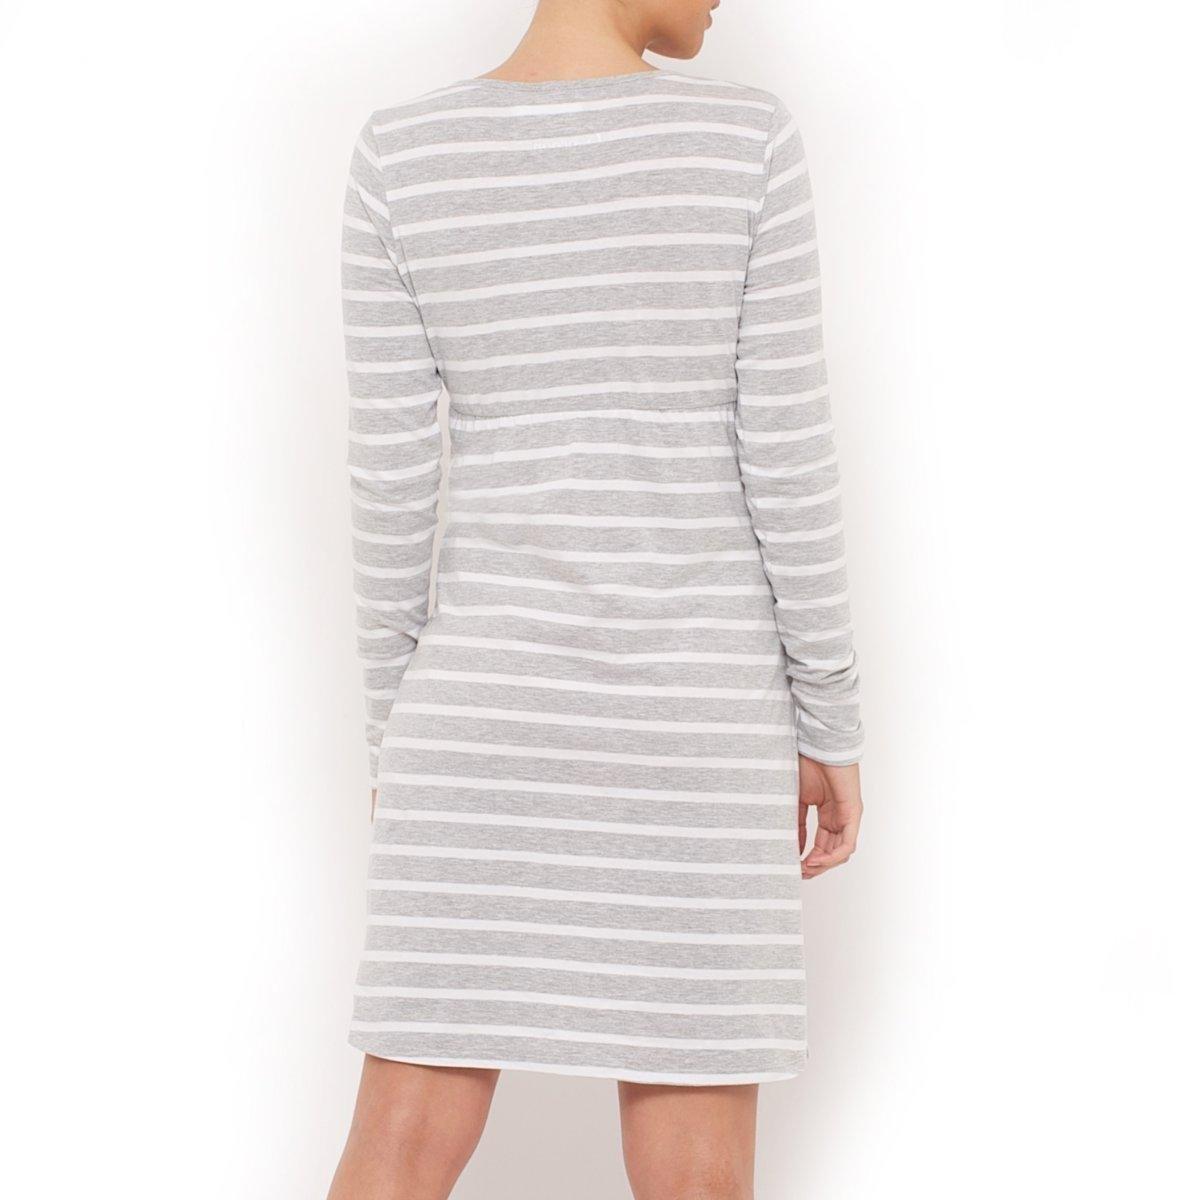 Ночная рубашка для периода беременности и кормления грудьюНочная рубашка для периода беременности и кормления грудью, длинные рукава, V-образный вырез с запахом и закругленной вставкой. Эластичная вставка под линией груди. Разрезы по бокам. Длина ок.90 см. Ночная рубашка для периода беременности и кормления грудью из джерси 95% хлопка, 5% эластанаМашинная стирка. Знак Oeko-Tex*.    *Международный знак Oeko-Tex гарантирует отсутствие вредных или раздражающих кожу веществ<br><br>Цвет: серый/белый в полоску<br>Размер: 42/44 (FR) - 48/50 (RUS)